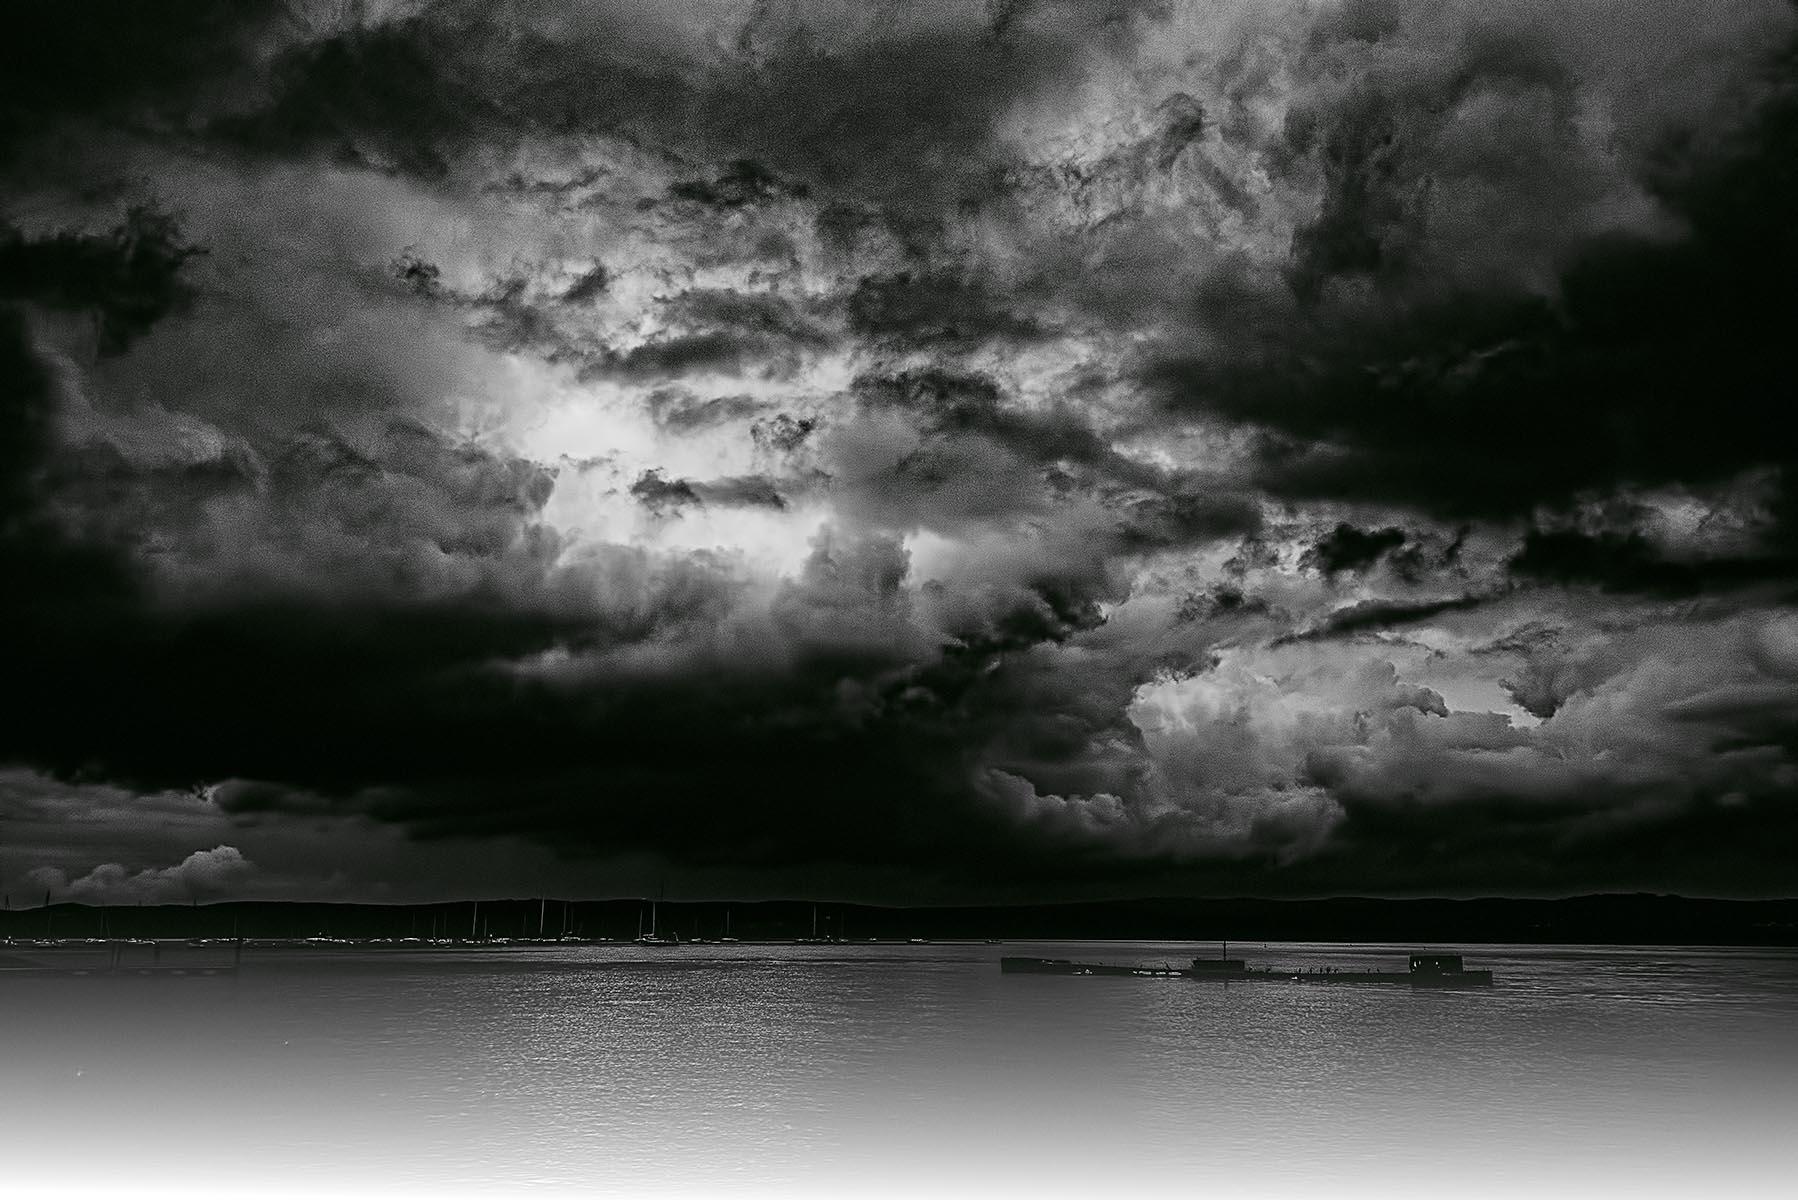 Sunken Barge Hudson River - 493